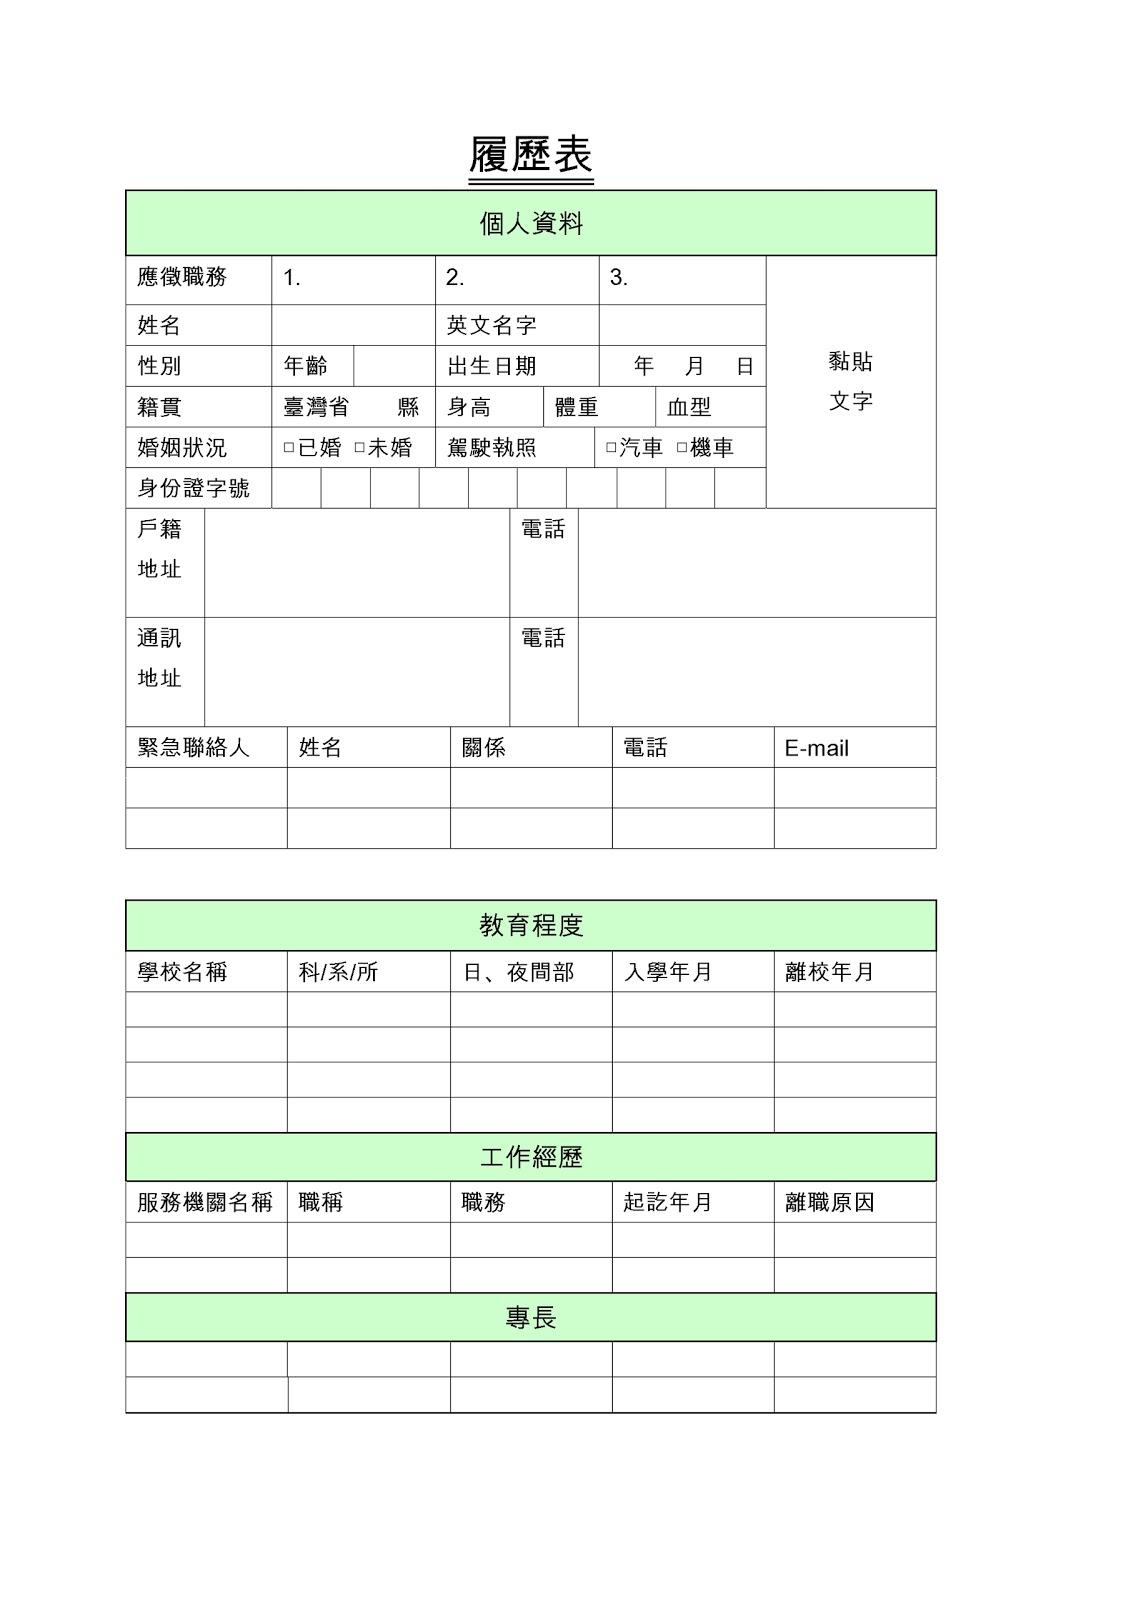 製作履歷表格 斗圖網